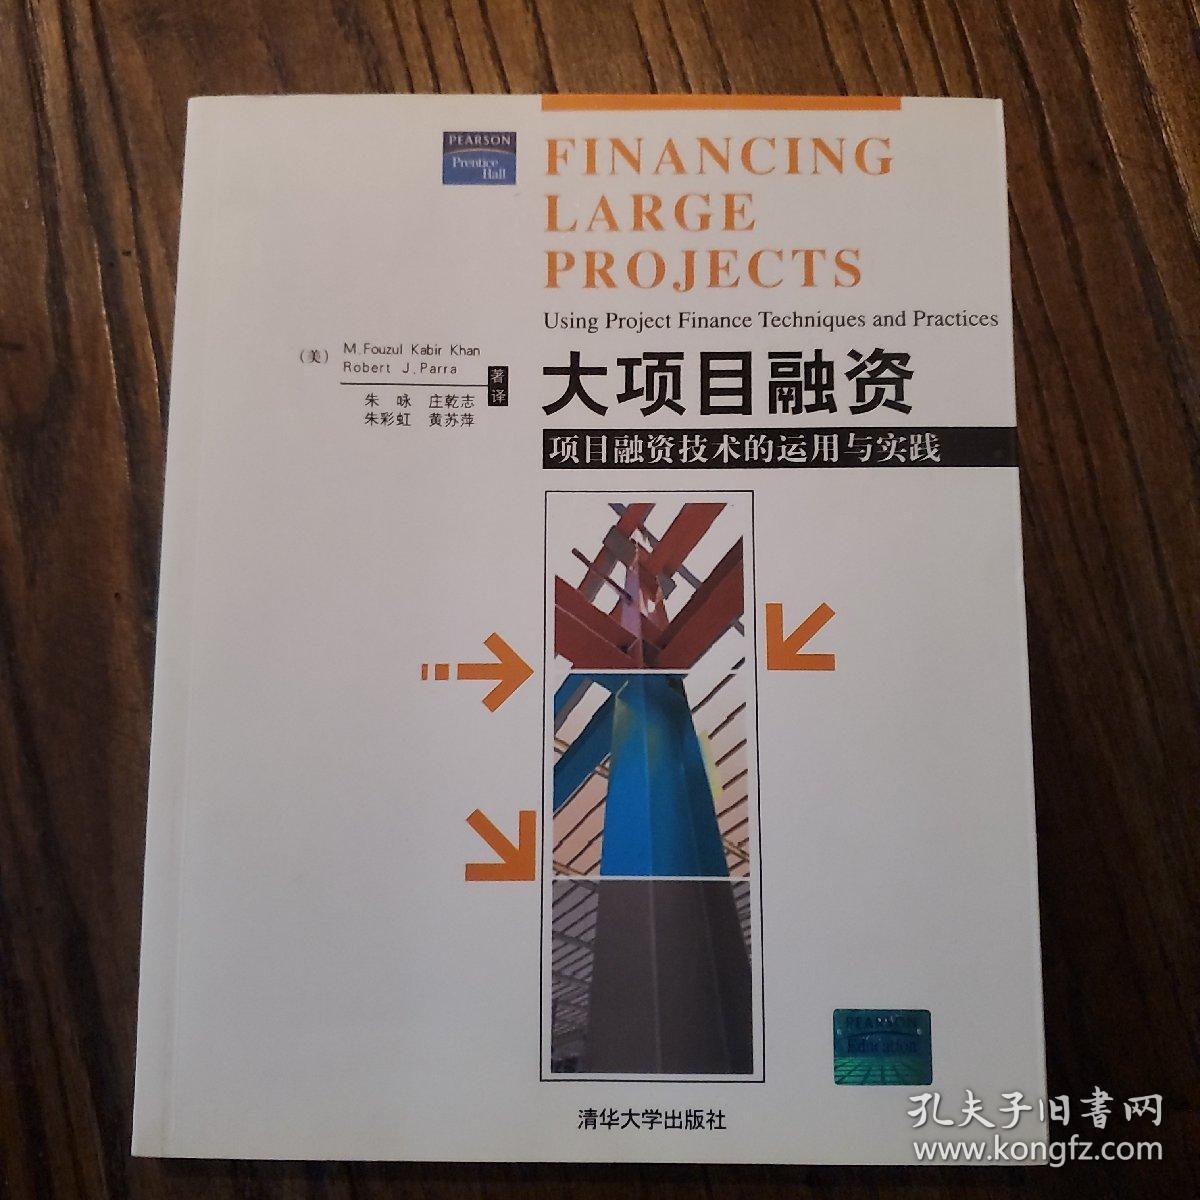 大项目融资:项目融资技术的运用与实践